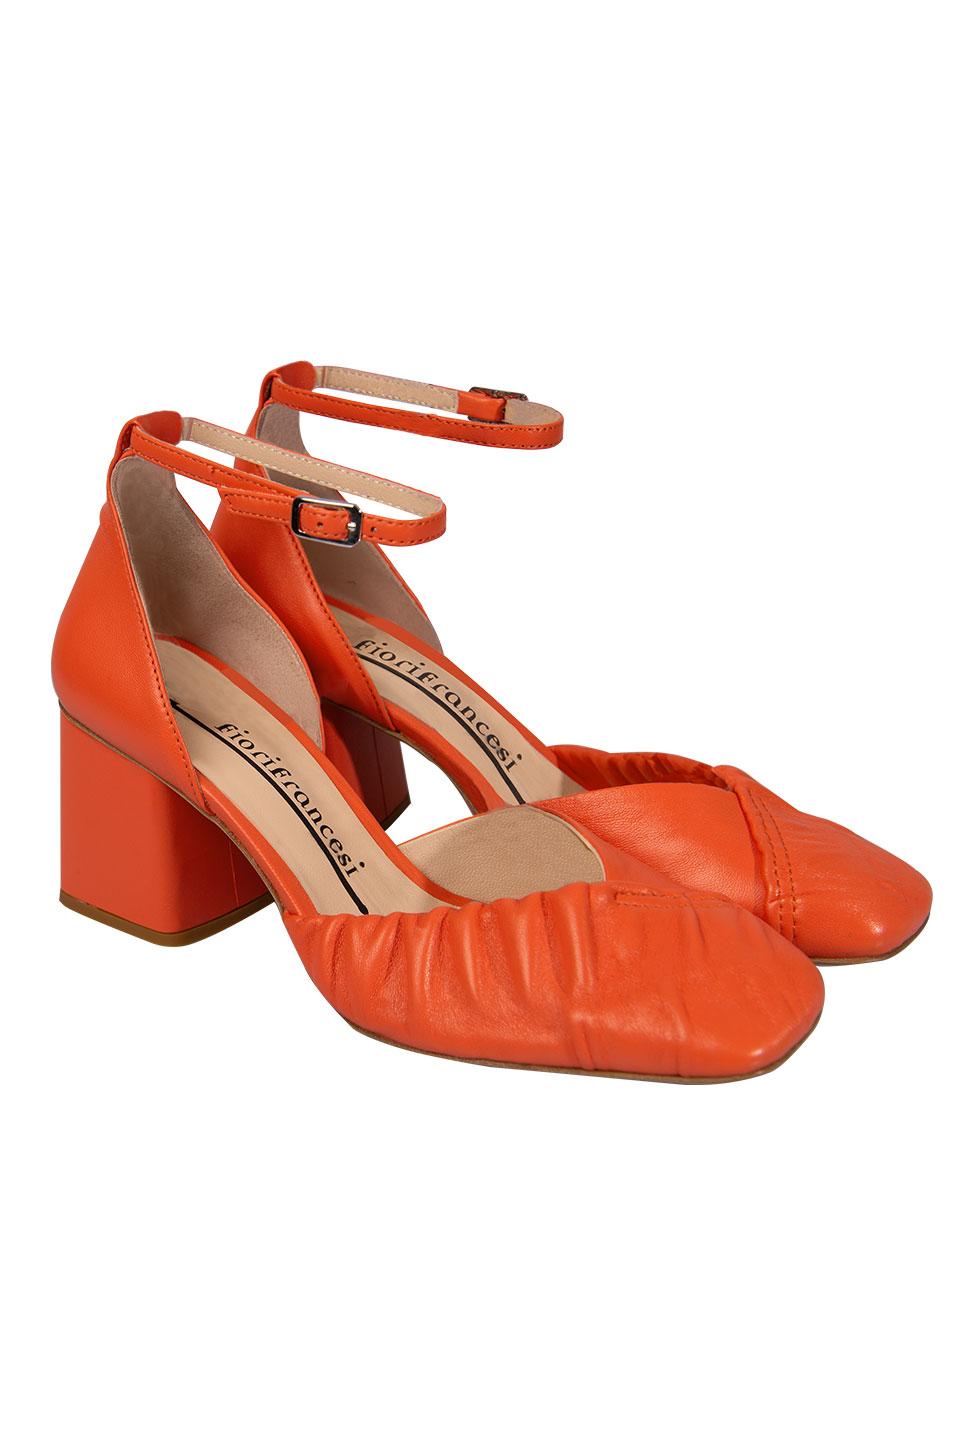 Sandalo Fiori Francesi in vendita da Biesse Accessori